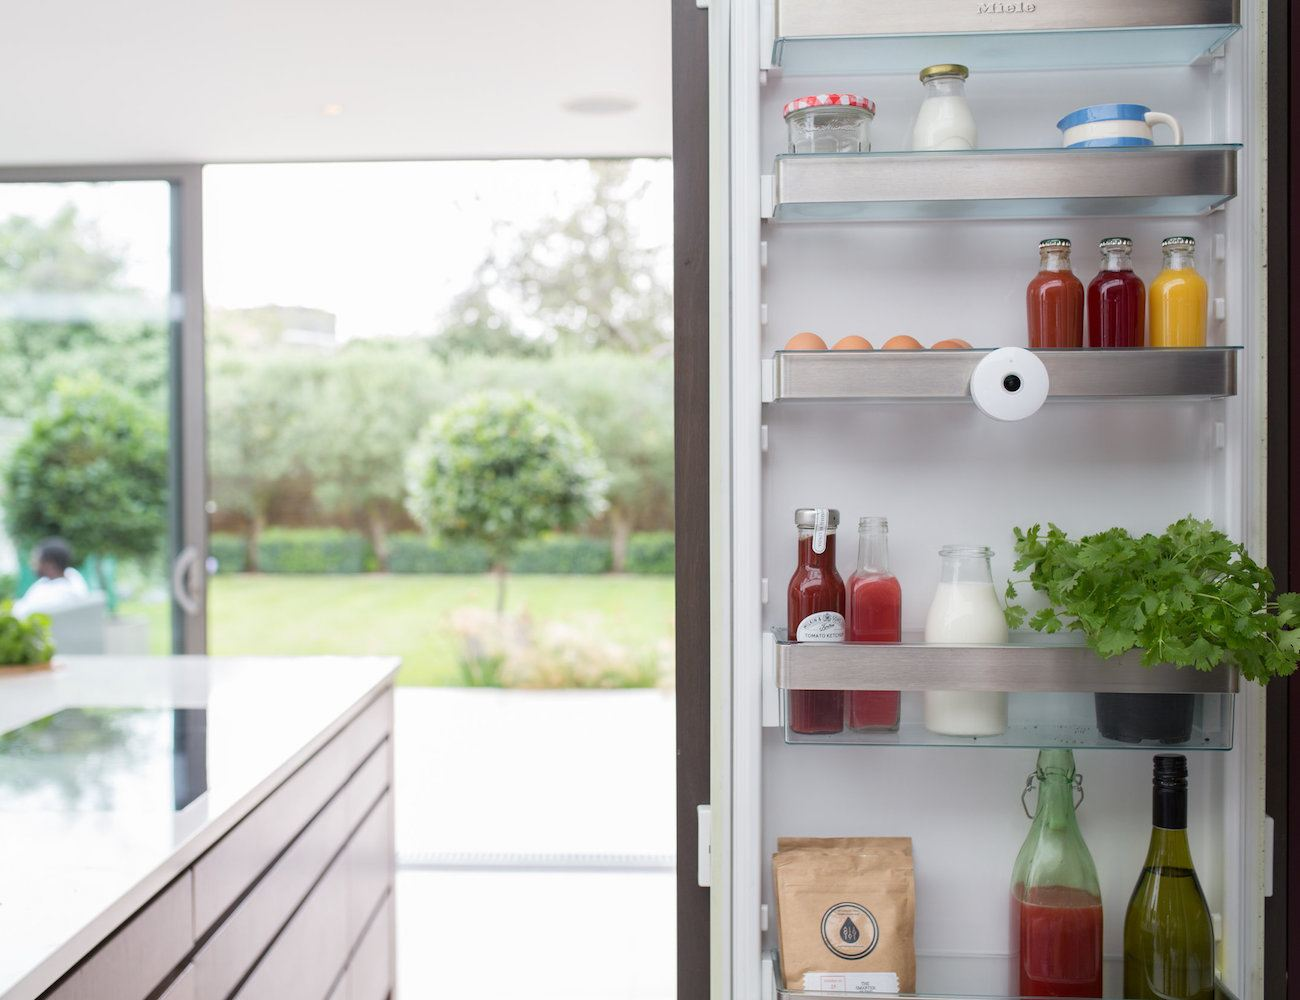 FridgeCam Smart Refrigerator Camera